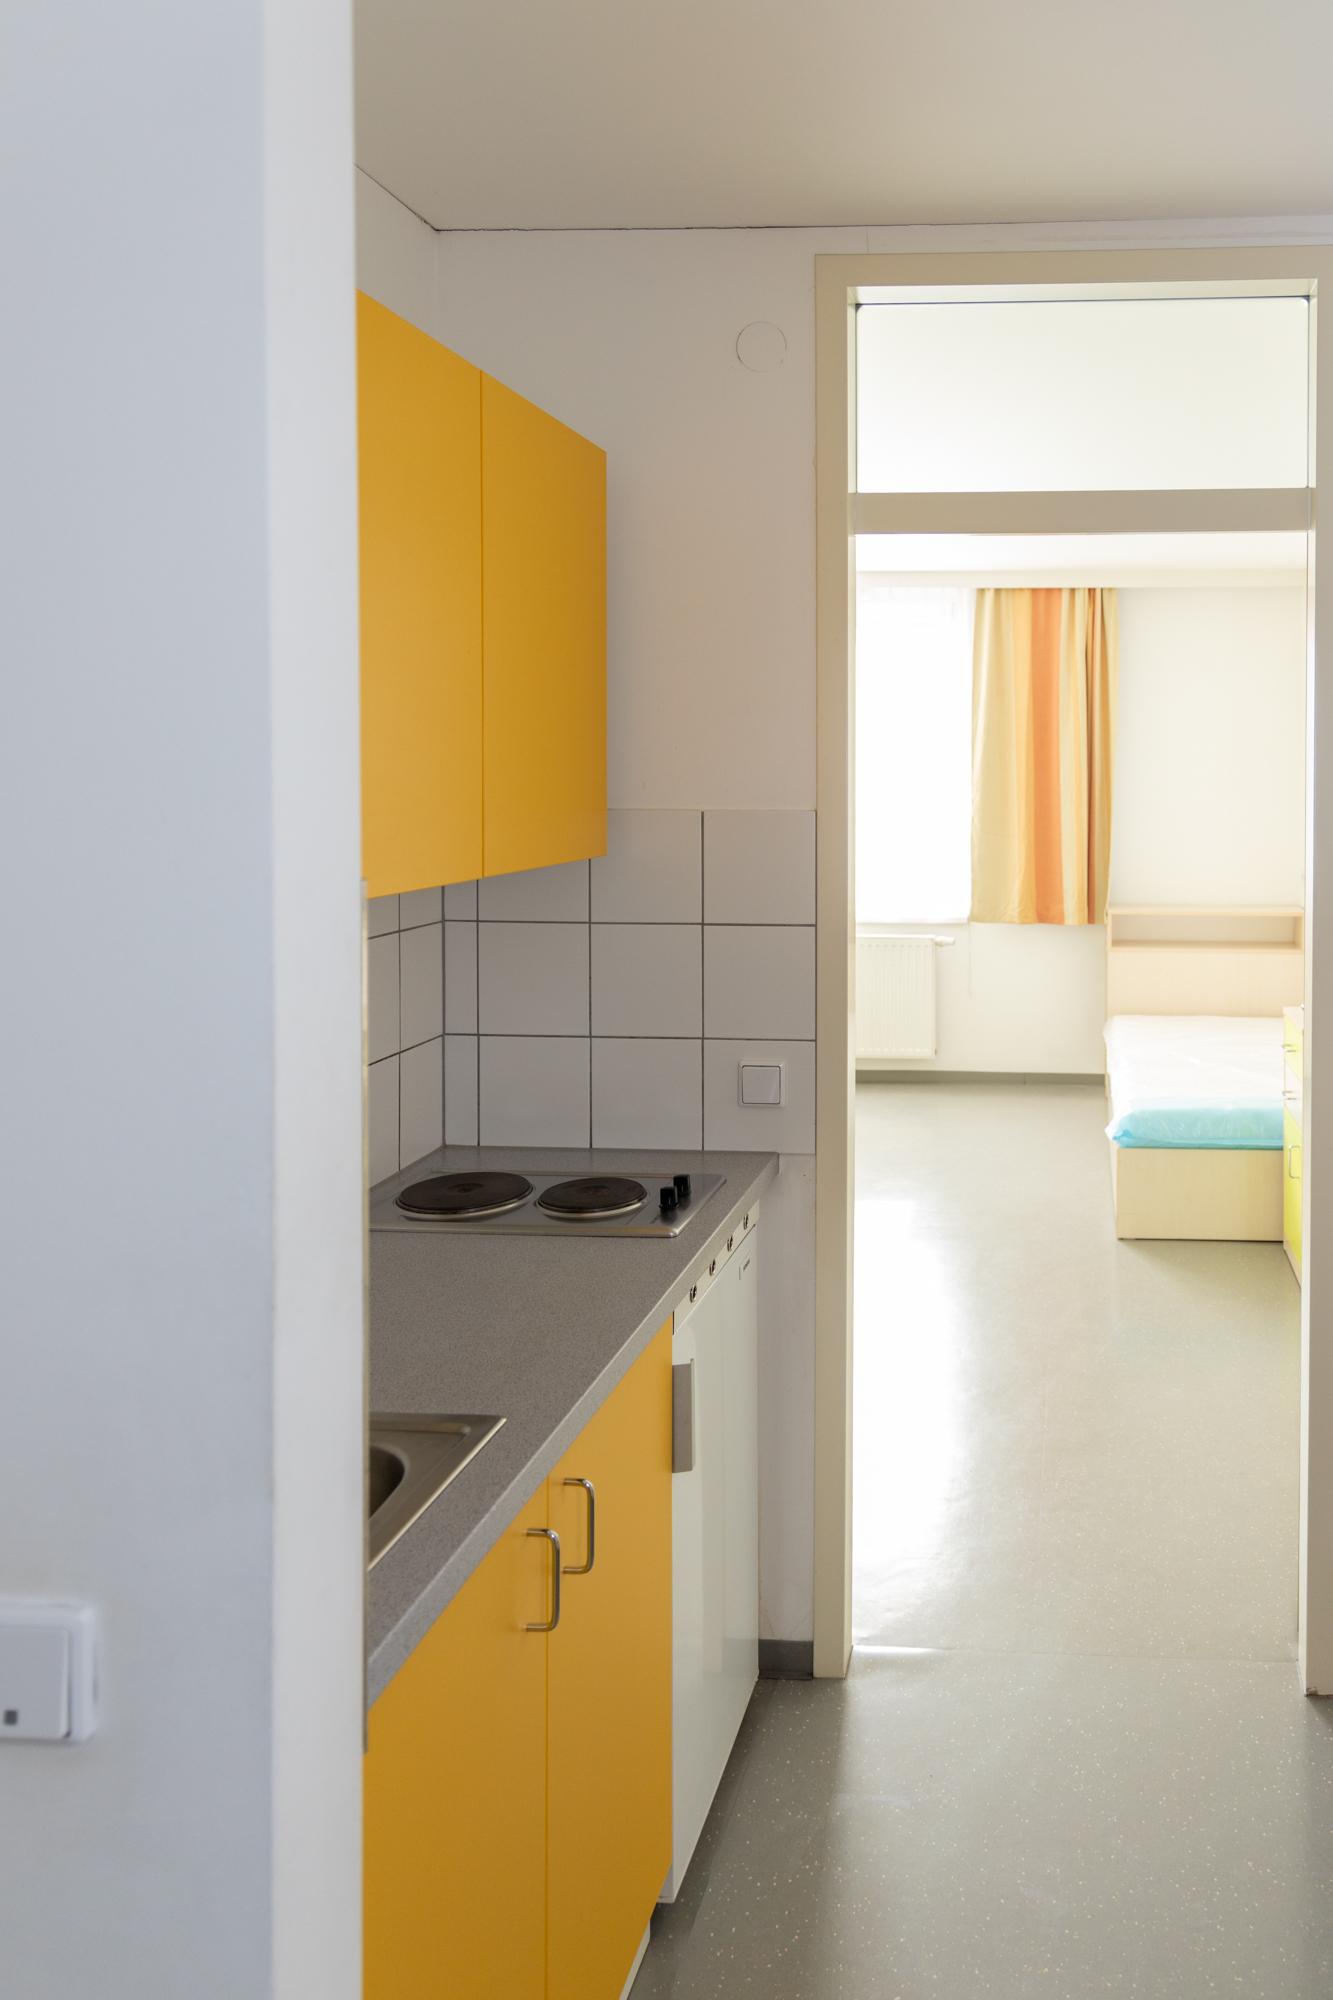 STARTPLATZ Ober St. Veit Vorraum mit Küchenblock